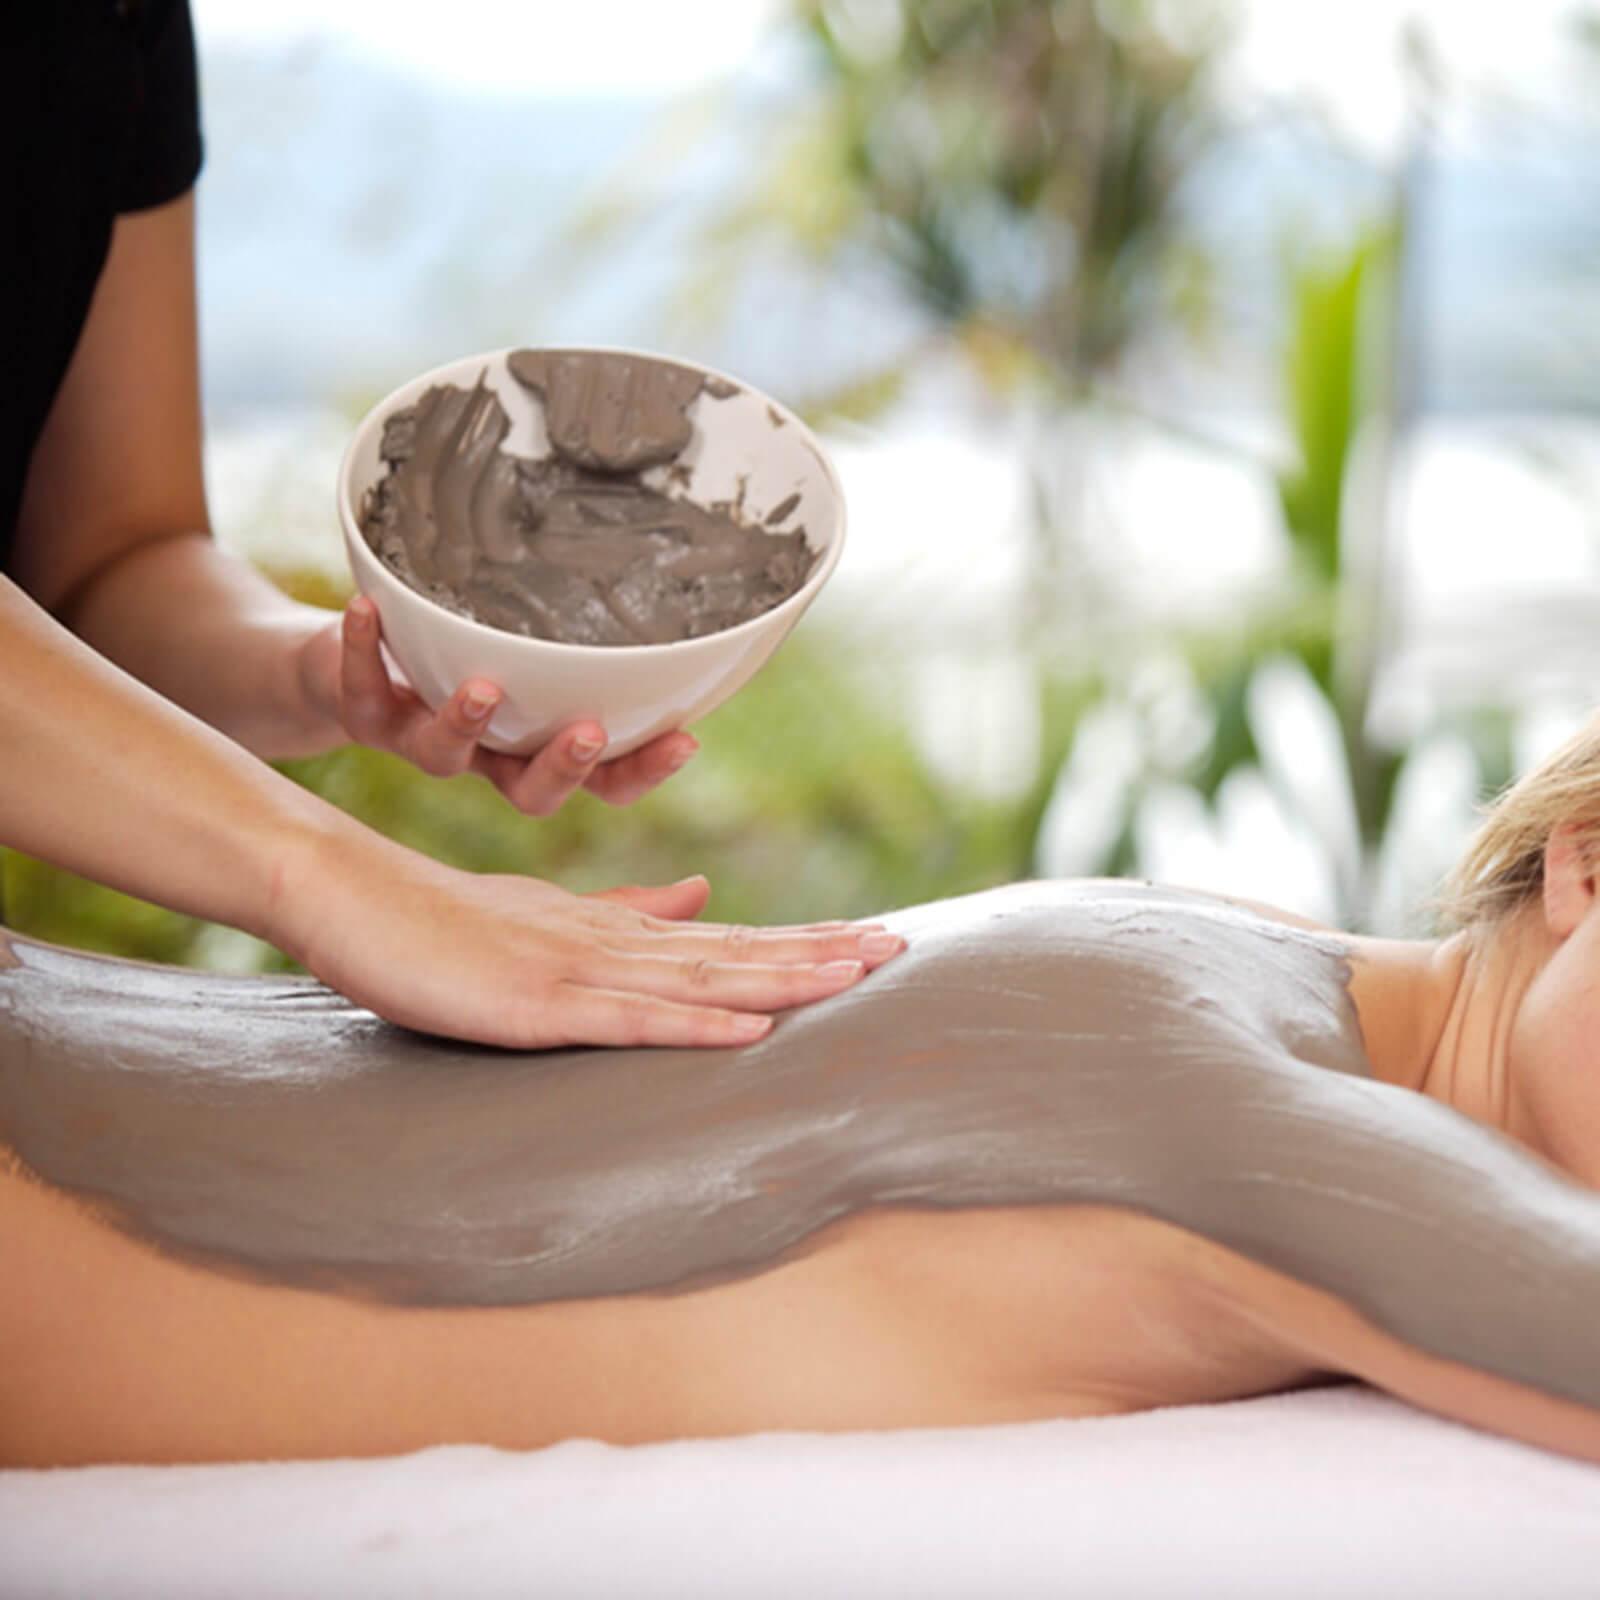 blu moret wellness spa centro benessere udine trattamento fango2 - Trattamento Fitomelatonina